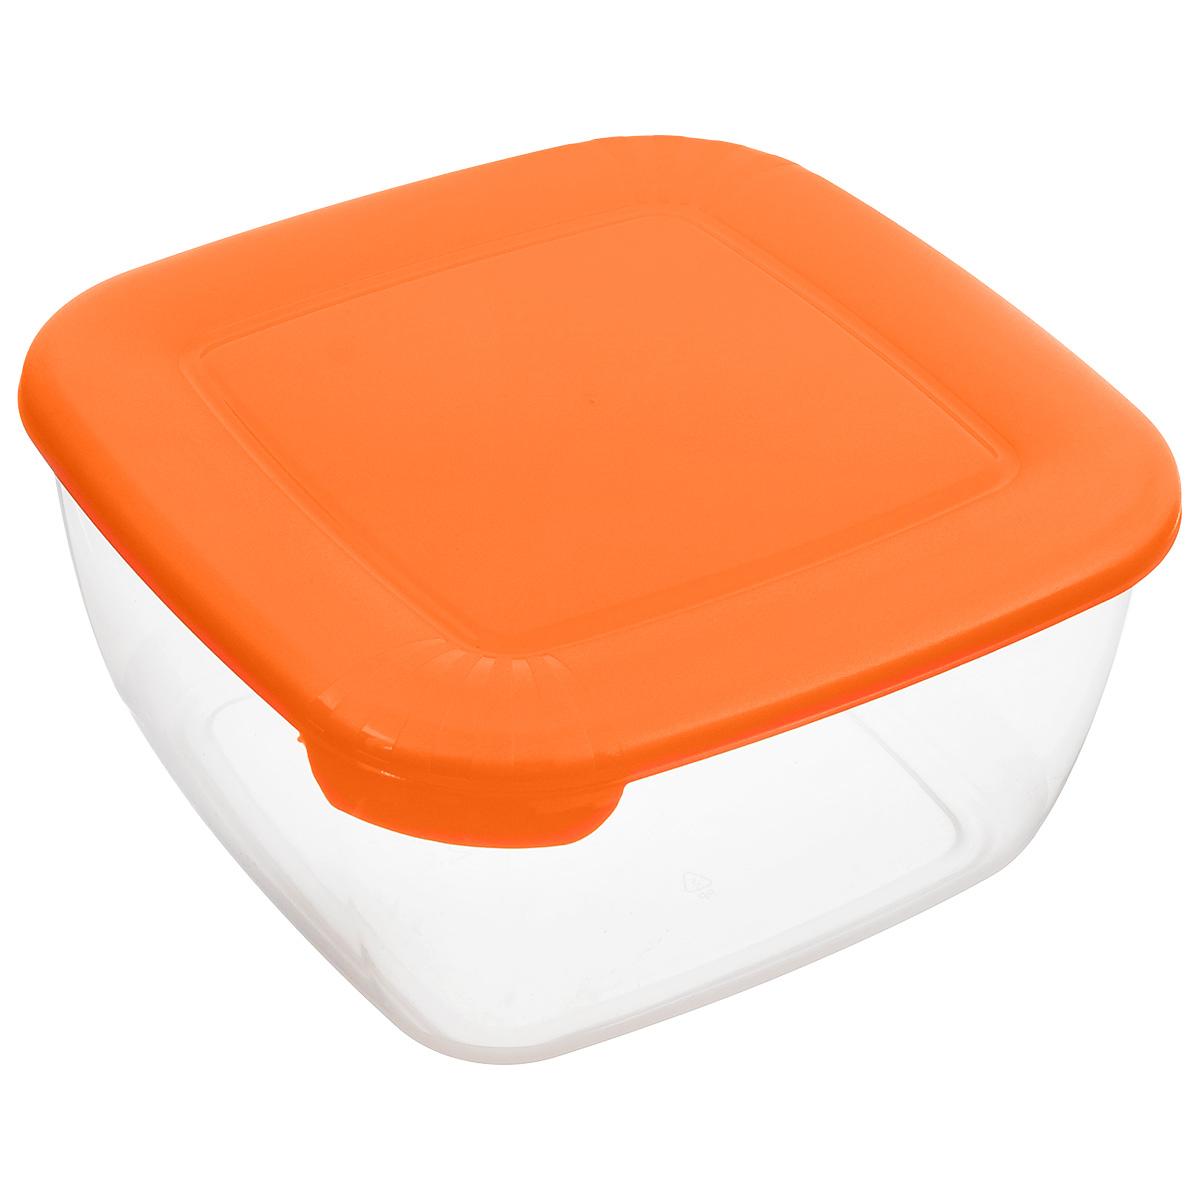 Контейнер Полимербыт Лайт, цвет: оранжевый, прозрачный, 2,5 лС544_оранжевыйКонтейнер Полимербыт Лайт квадратной формы, изготовленный из прочногопластика, предназначен специально для хранения пищевых продуктов. Крышкалегко открывается и плотно закрывается. Контейнер устойчив к воздействию масел и жиров, легко моется. Прозрачныестенки позволяют видеть содержимое. Контейнер имеет возможность храненияпродуктов глубокой заморозки, обладает высокой прочностью. Подходитдля использования в микроволновых печах. Можно мыть в посудомоечной машине.